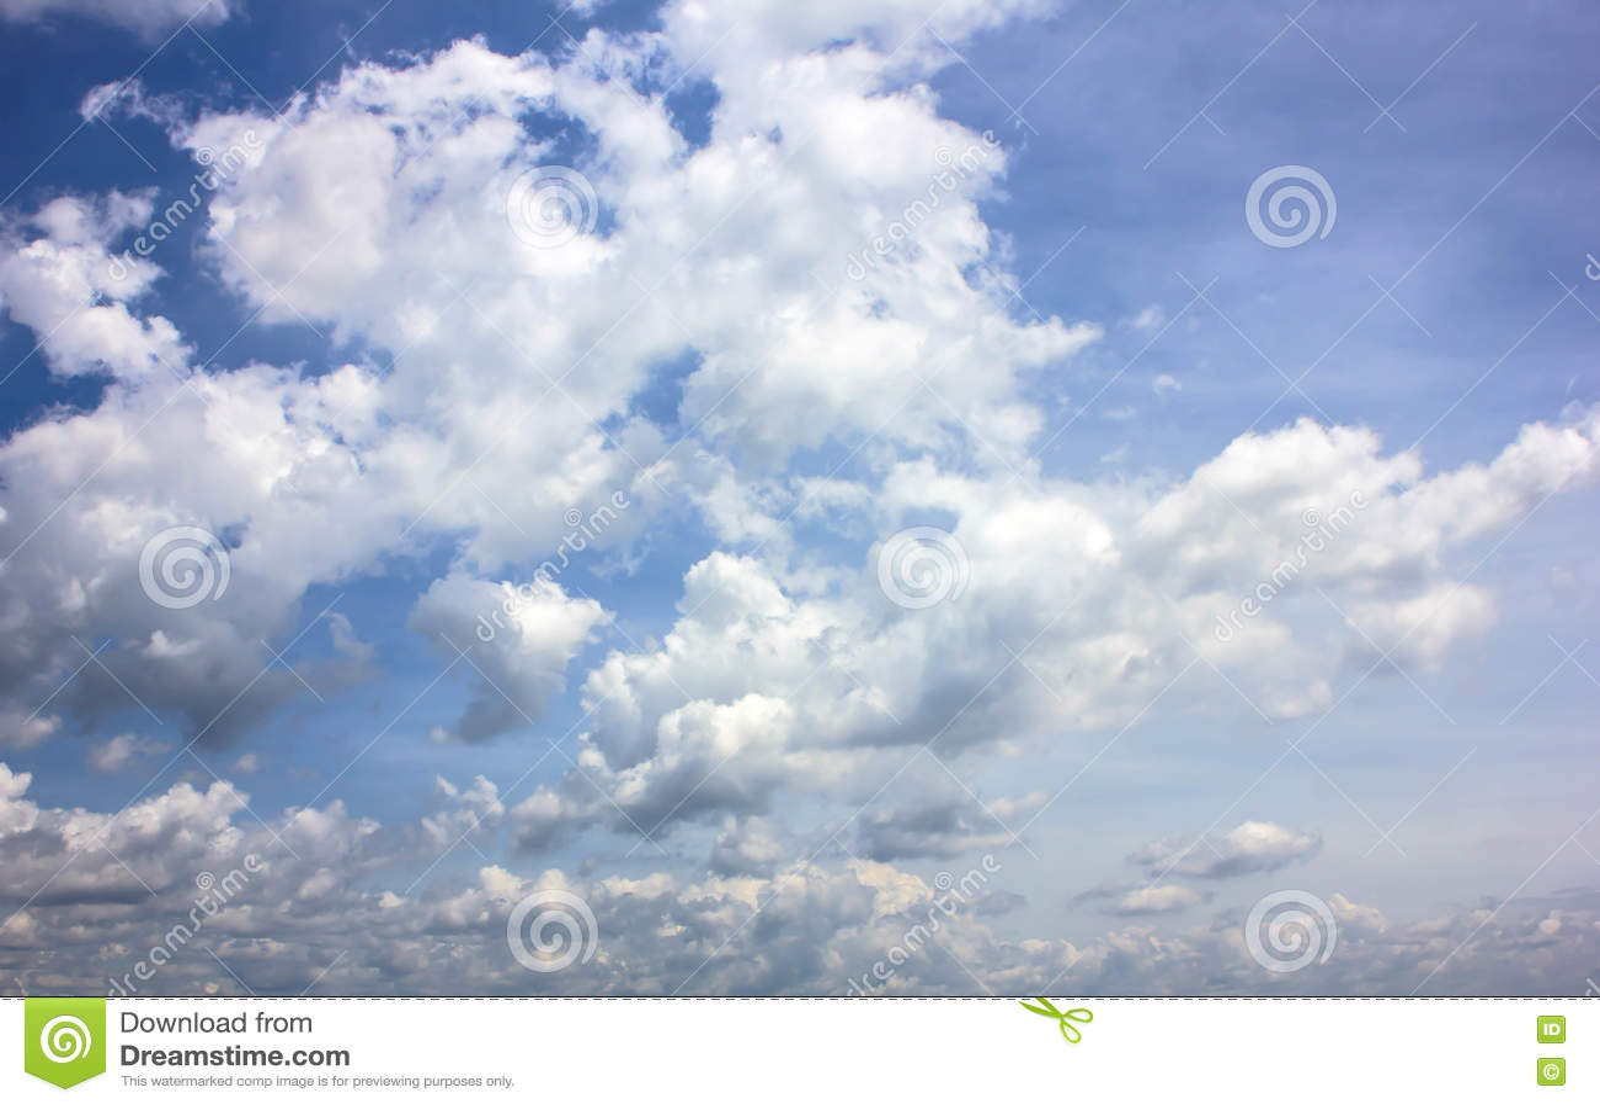 Συννεφιασμένος ουρανού πριν από τους σχηματισμούς σύννεφων βροχής